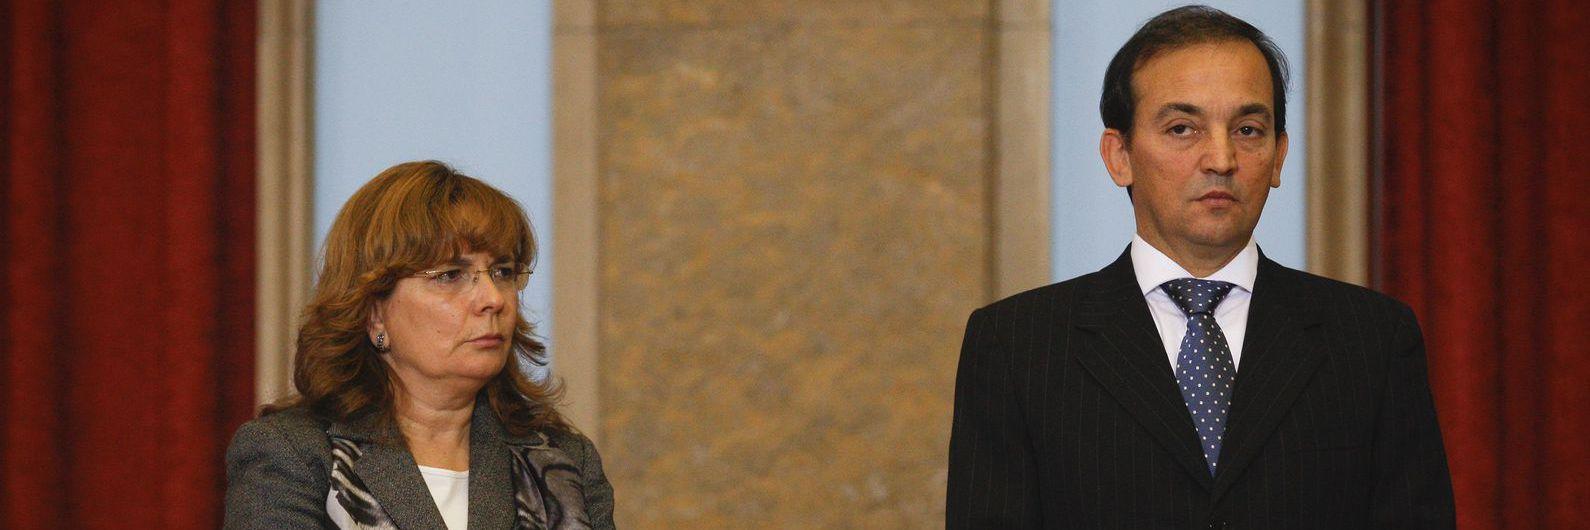 Transferências para Offshore: Ex-diretor do Fisco queria divulgar dados. Paulo Núncio não autorizou